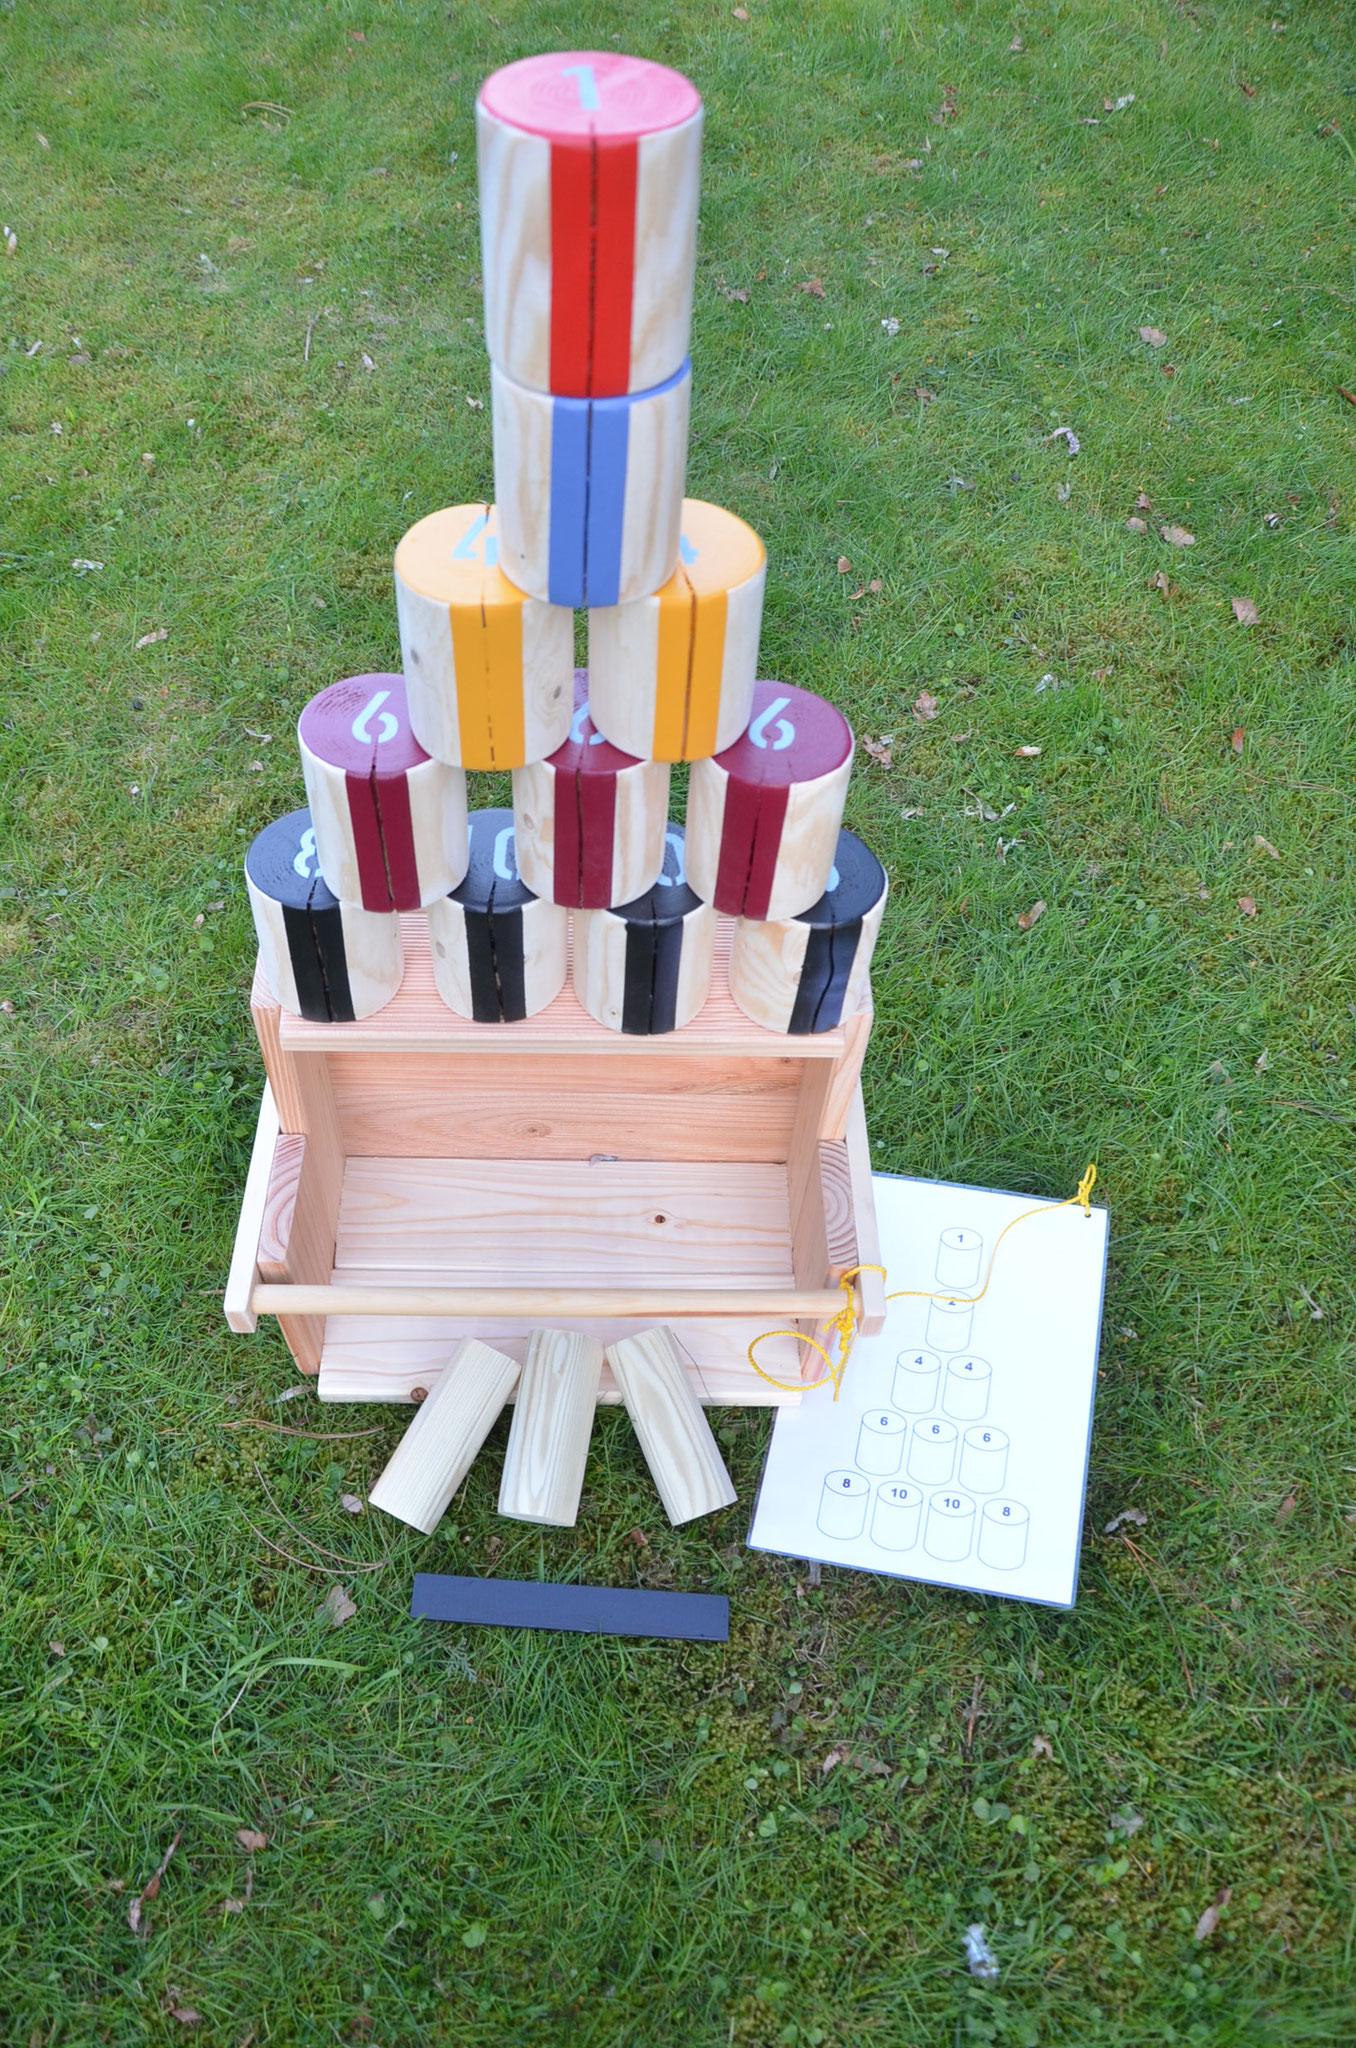 Meine Outdoorspiele: Holzdosenwerfen bunt